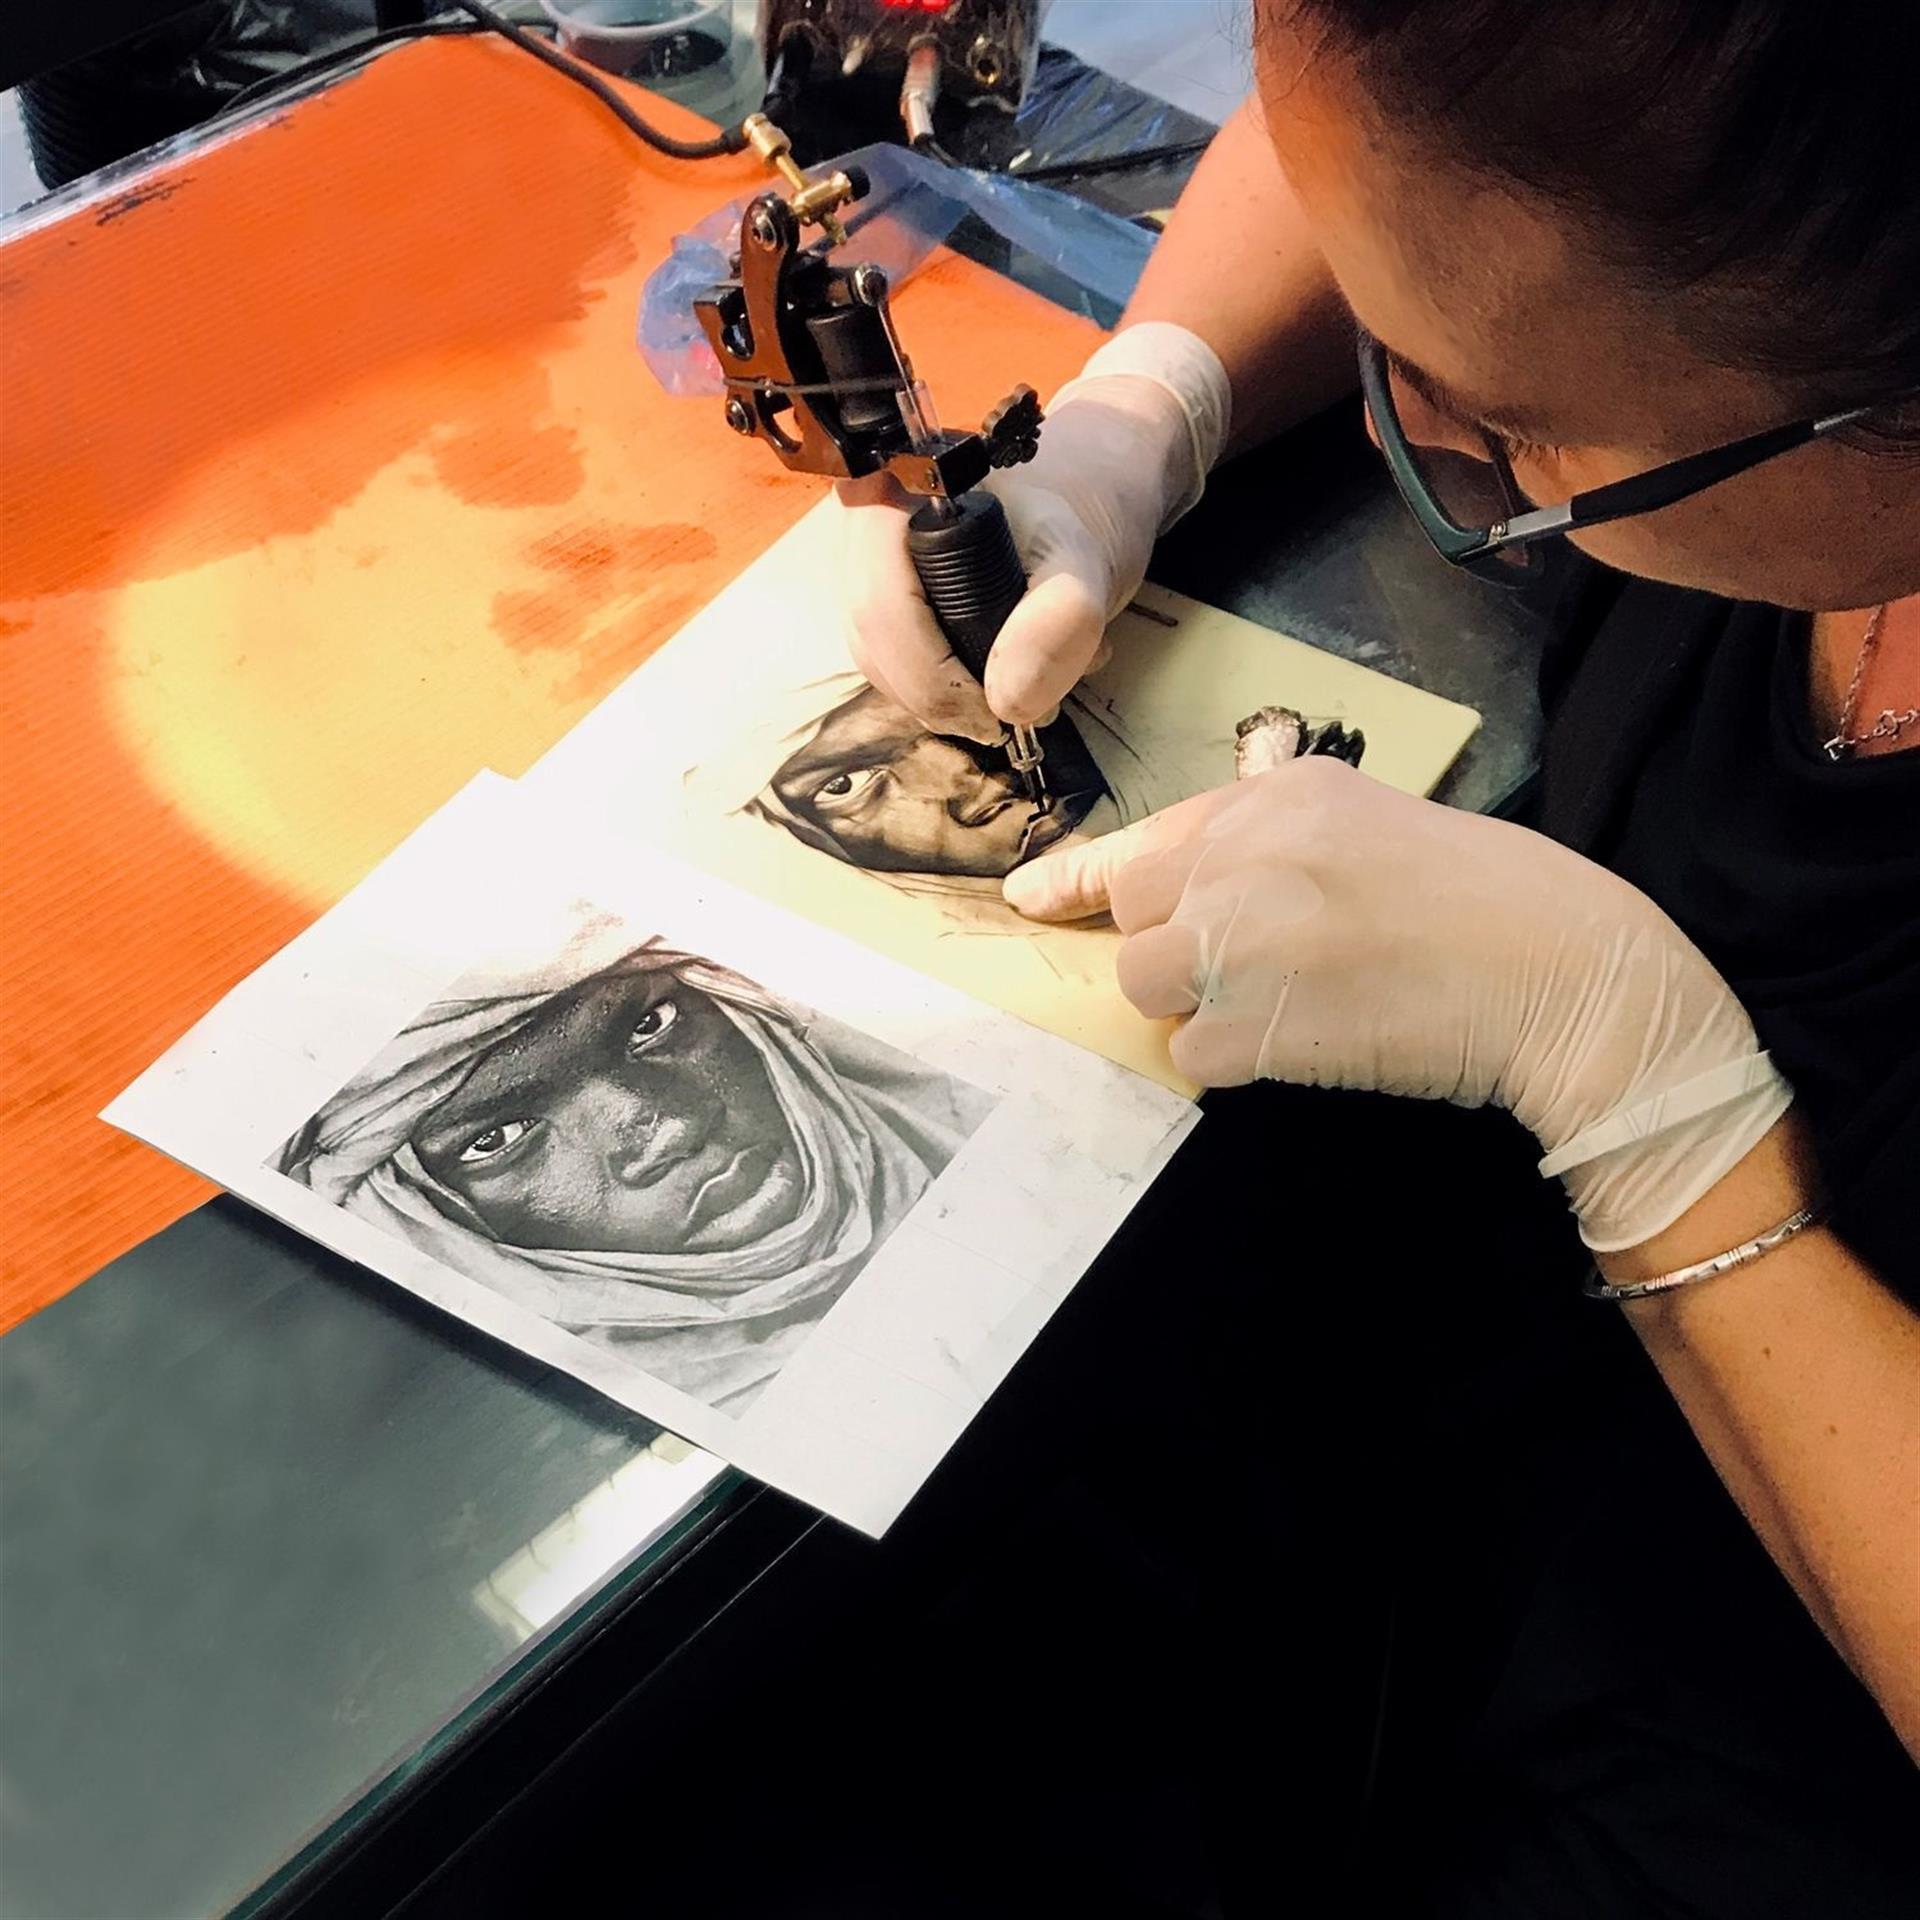 Prácticas de tatuaje realista sobre piel sintética / Autor: EOMTP